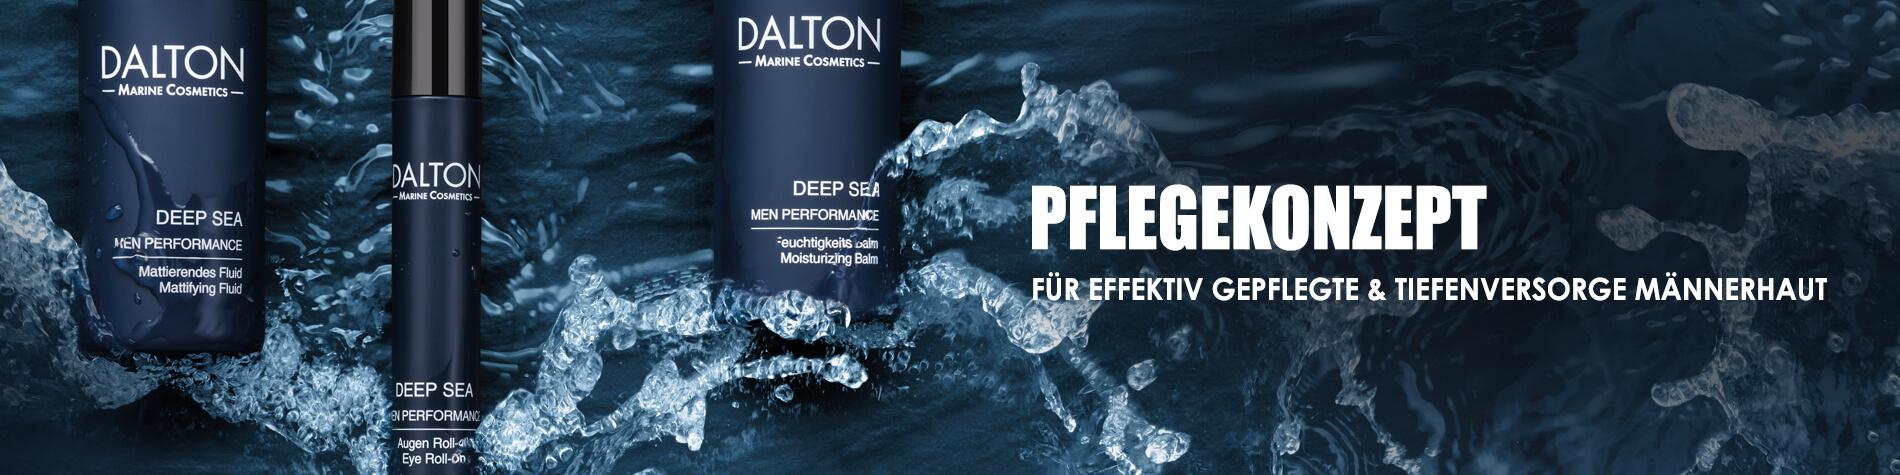 dòng mỹ phẩm dành cho nam dalton deep sea